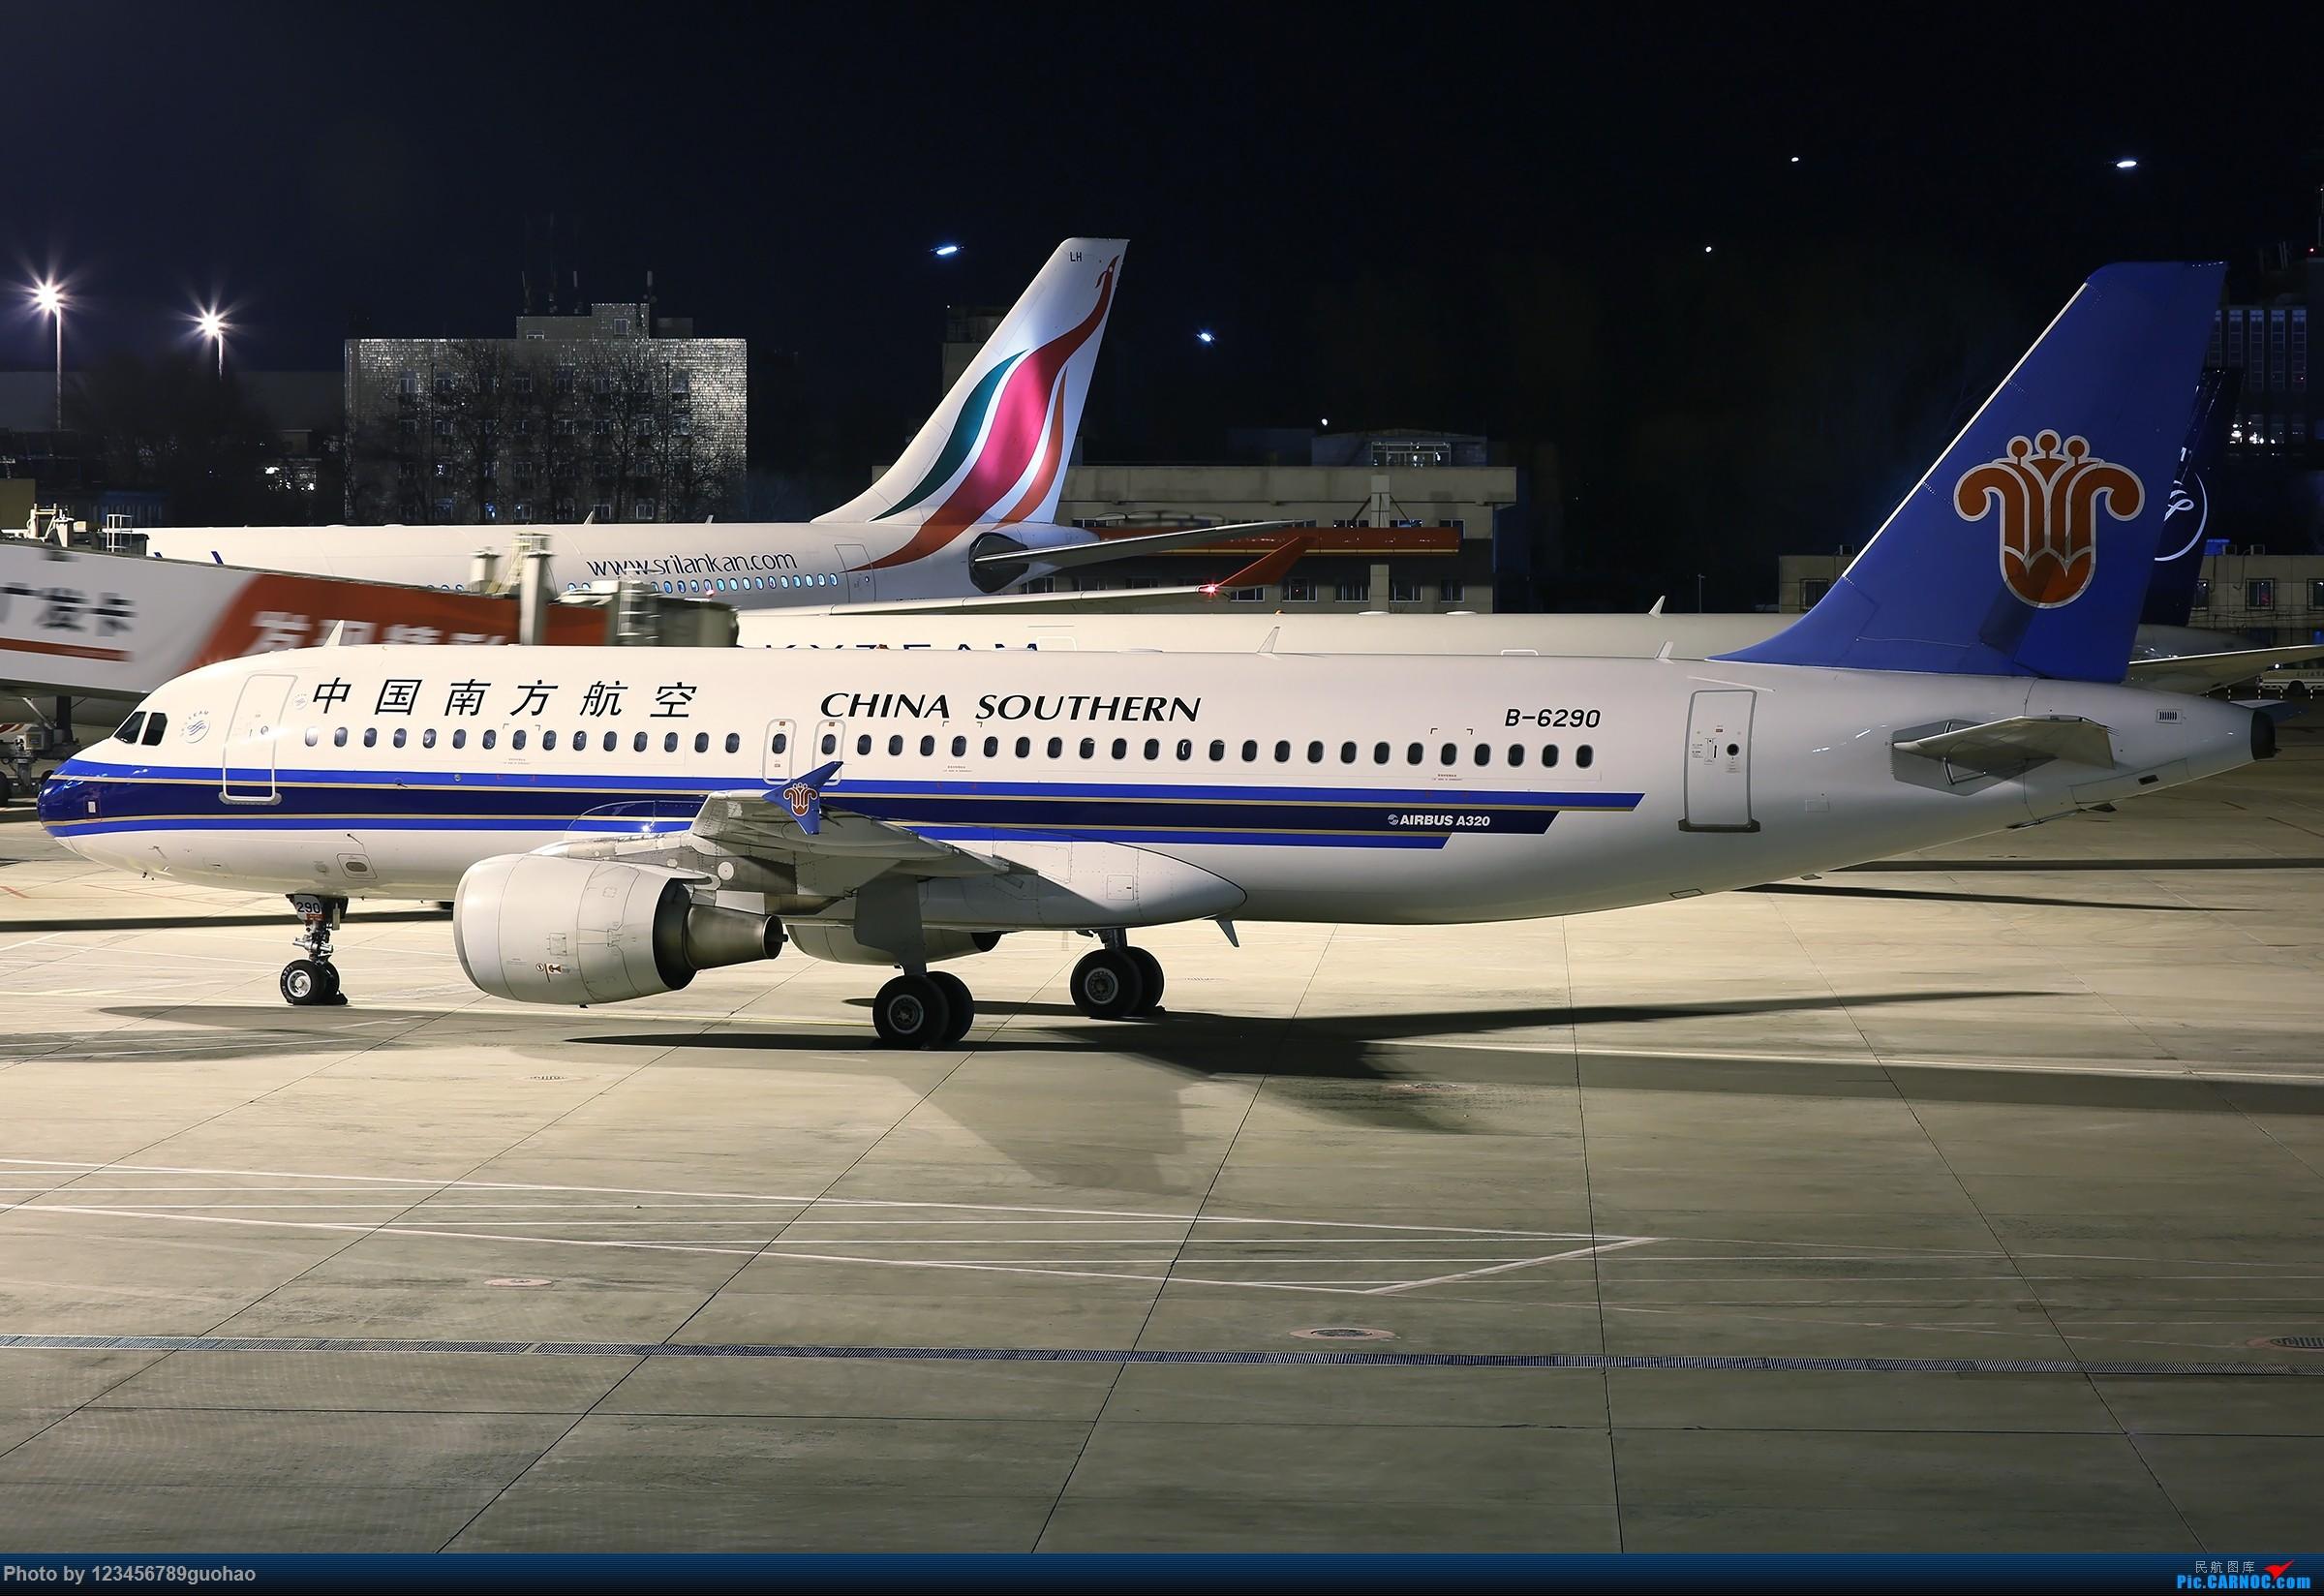 [原创]一图党-听说你们家小乘儿现在挺火啊 AIRBUS A320-200 B-6290 北京首都国际机场